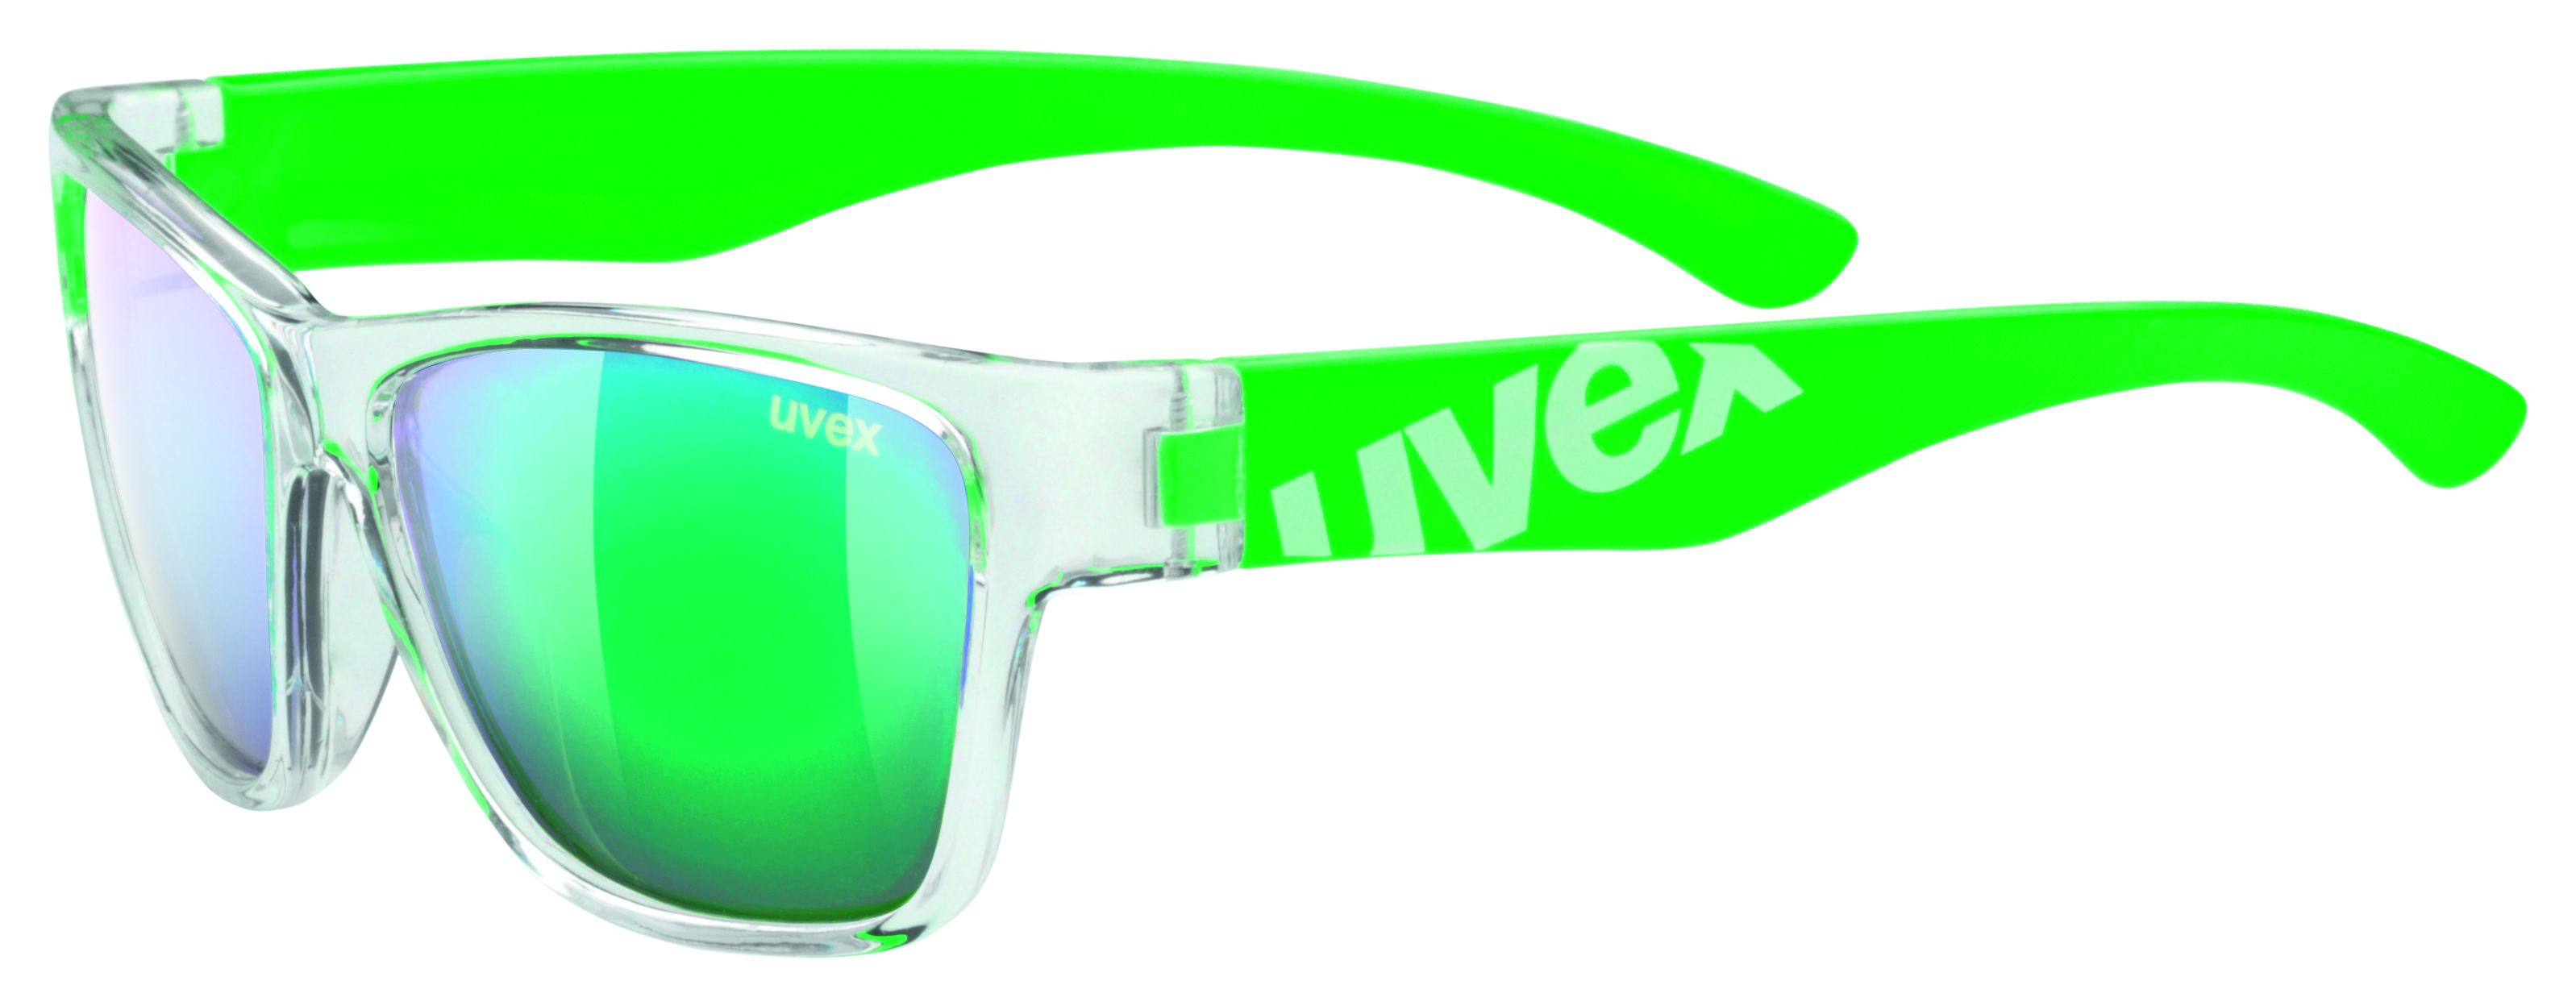 Uvex SPORTSTYLE 508, očala, zelena